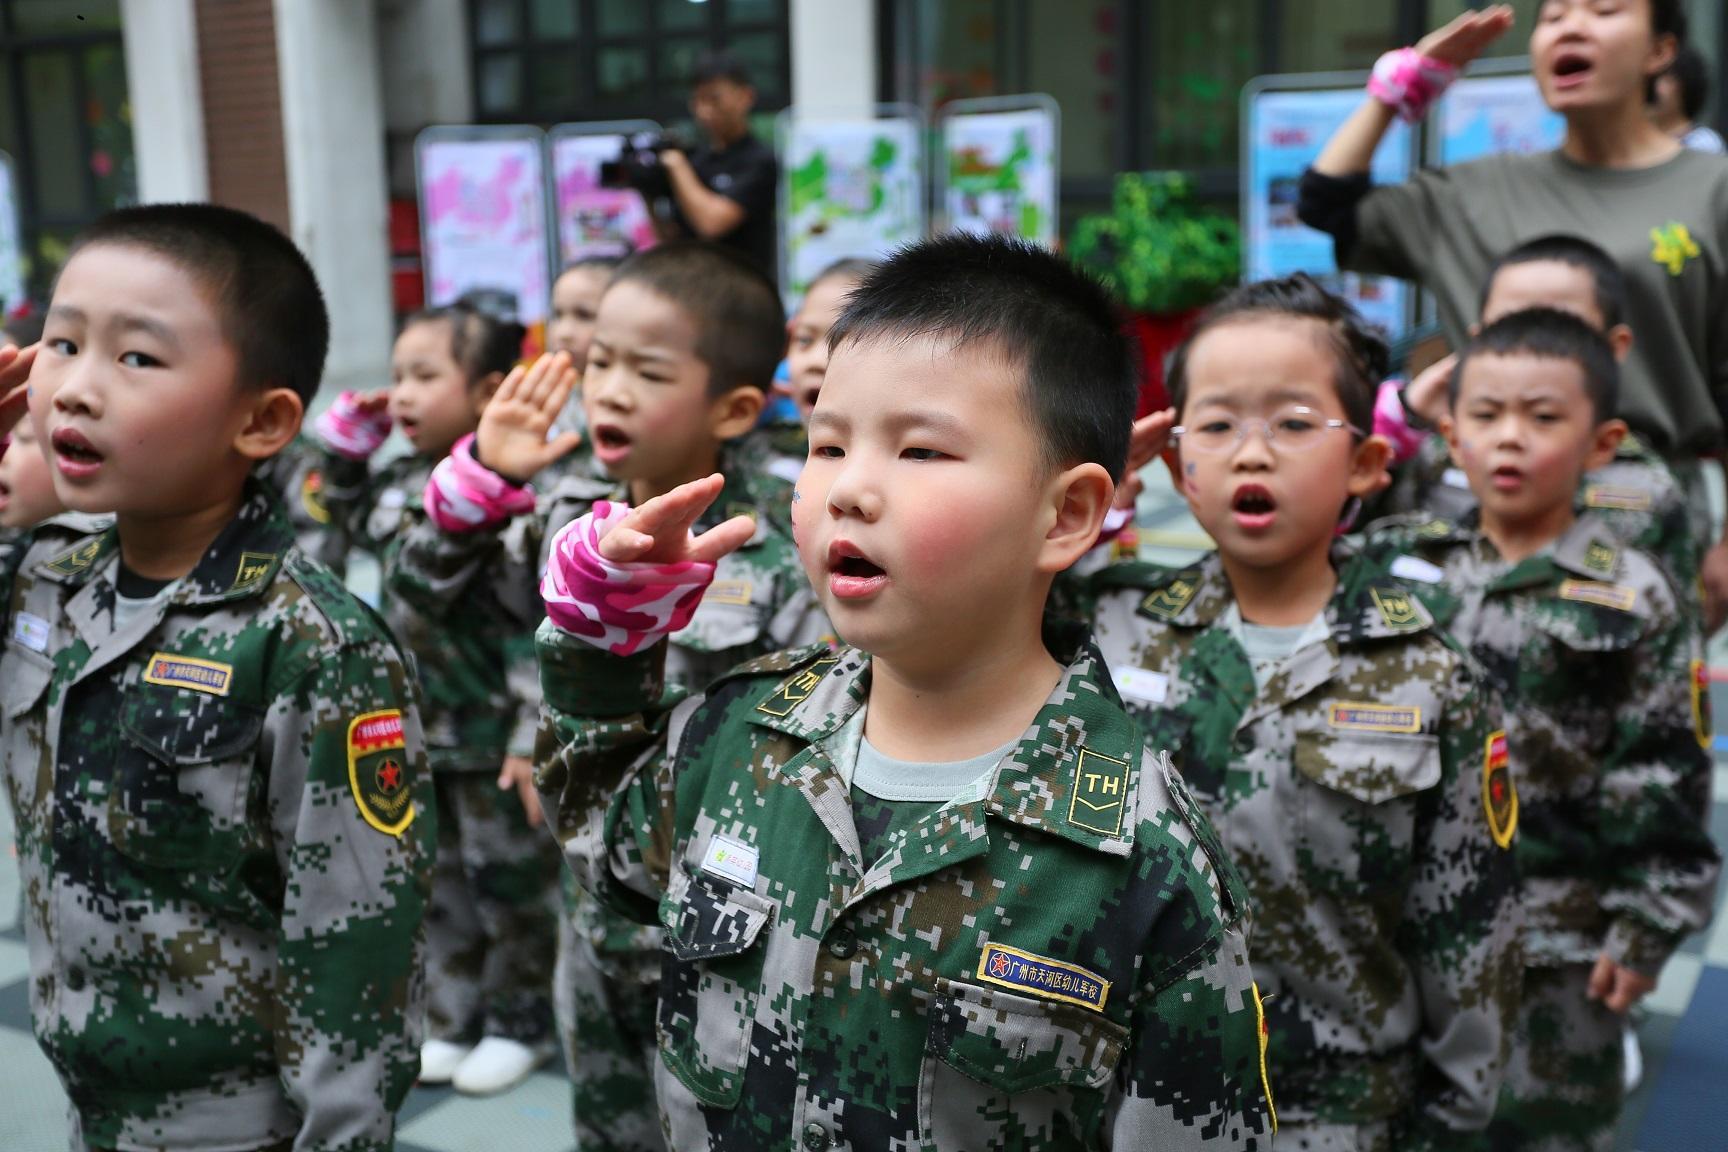 军报评红黄蓝事件:孩子和军人不容伤害和诋毁